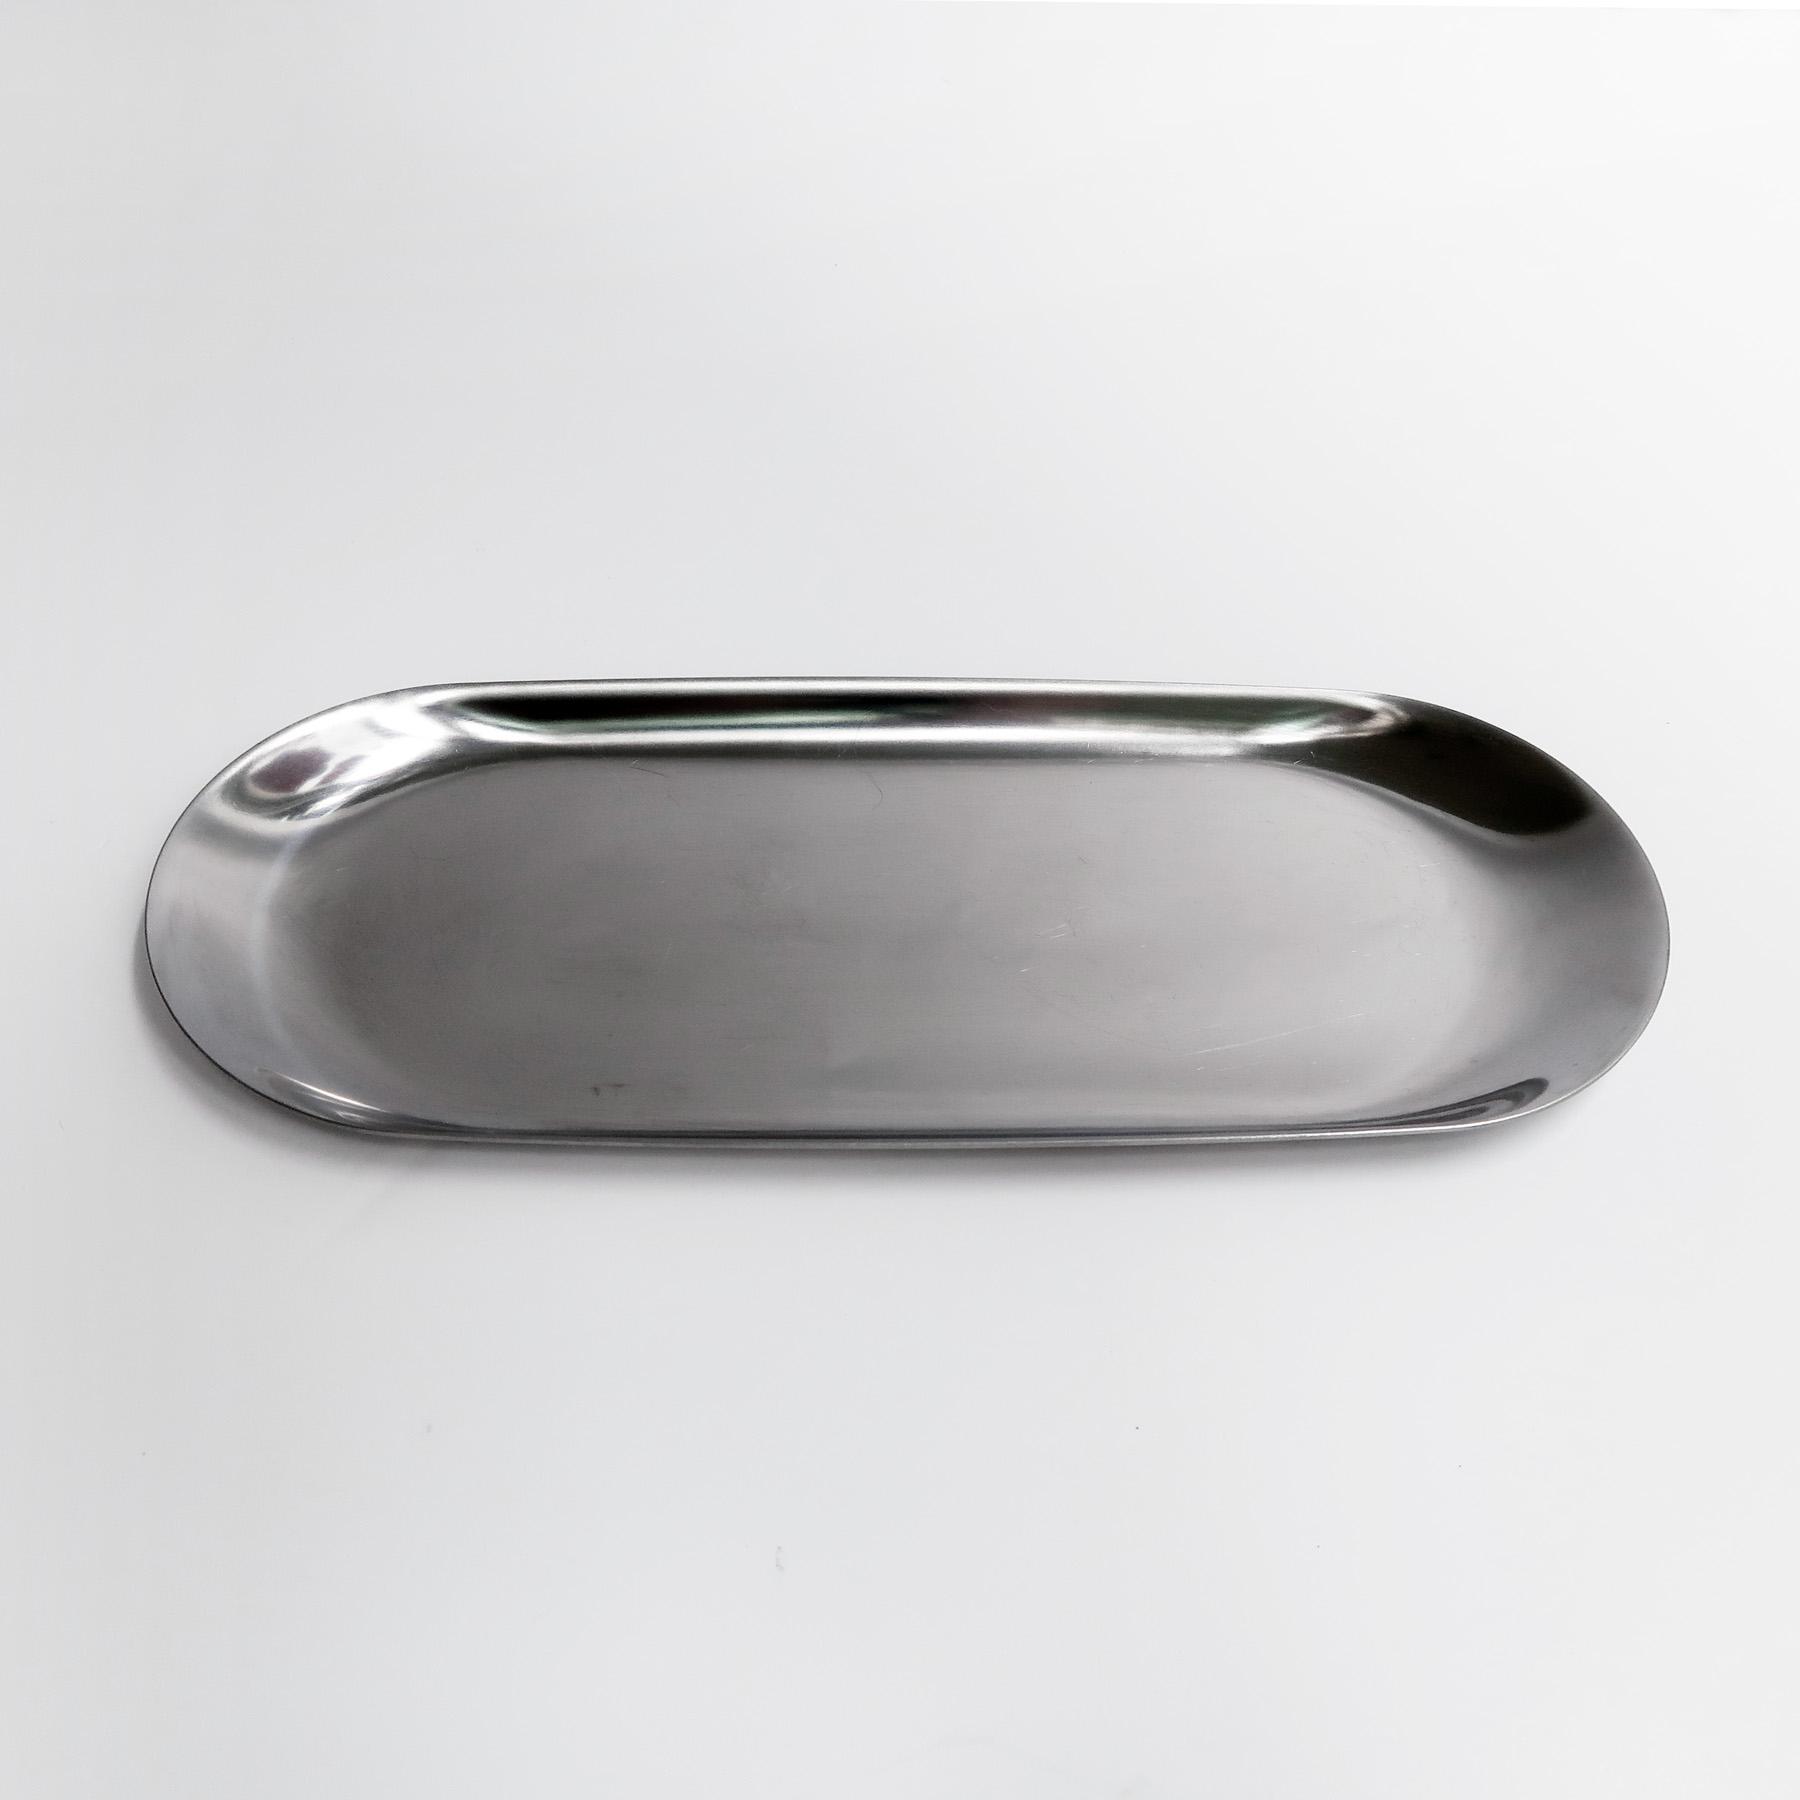 BLOOMING 多用途銀色托盤・收納盤・飾品盤